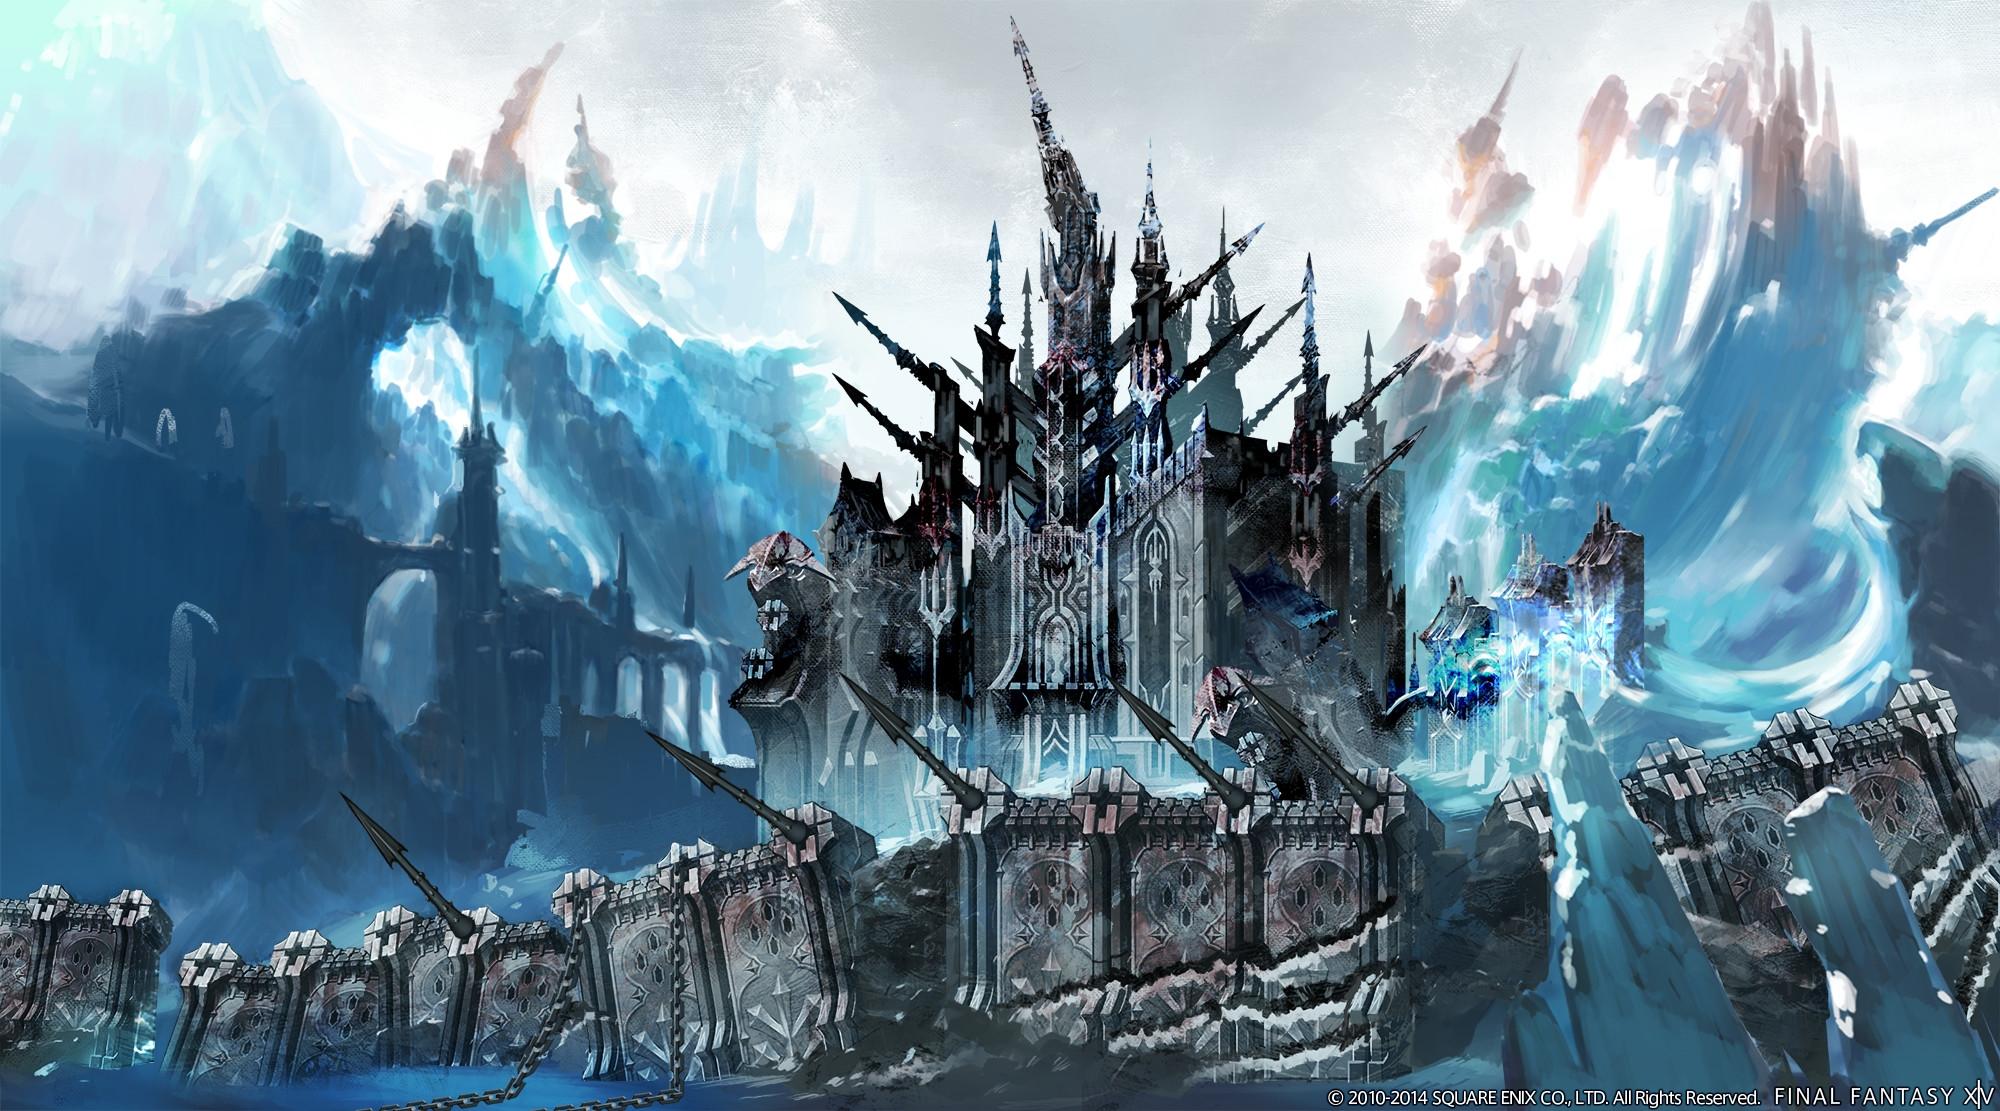 Final Fantasy XIV : A Realm Reborn, heavensward, bundle